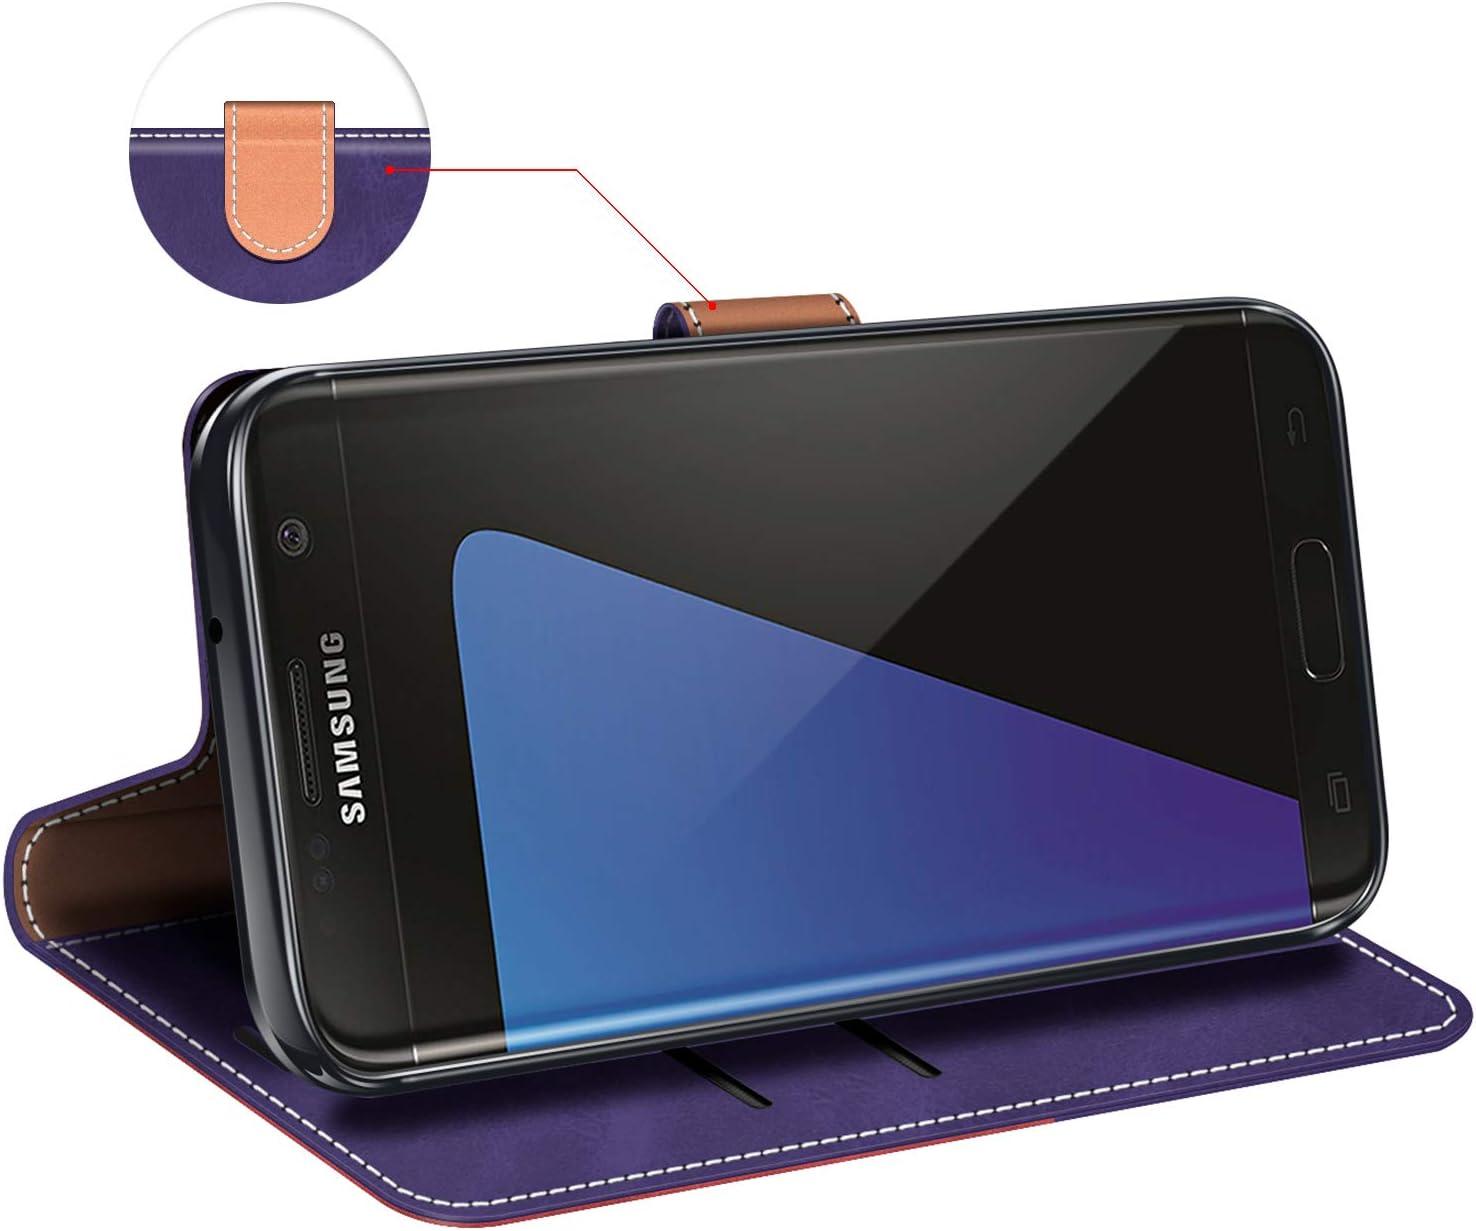 Funda Libro Samsung S7 Edge Violeta//Azul Oscuro MOBESV Funda para Samsung Galaxy S7 Edge Funda M/óvil Samsung Galaxy S7 Edge Magn/ético Carcasa para Samsung Galaxy S7 Edge Funda con Tapa